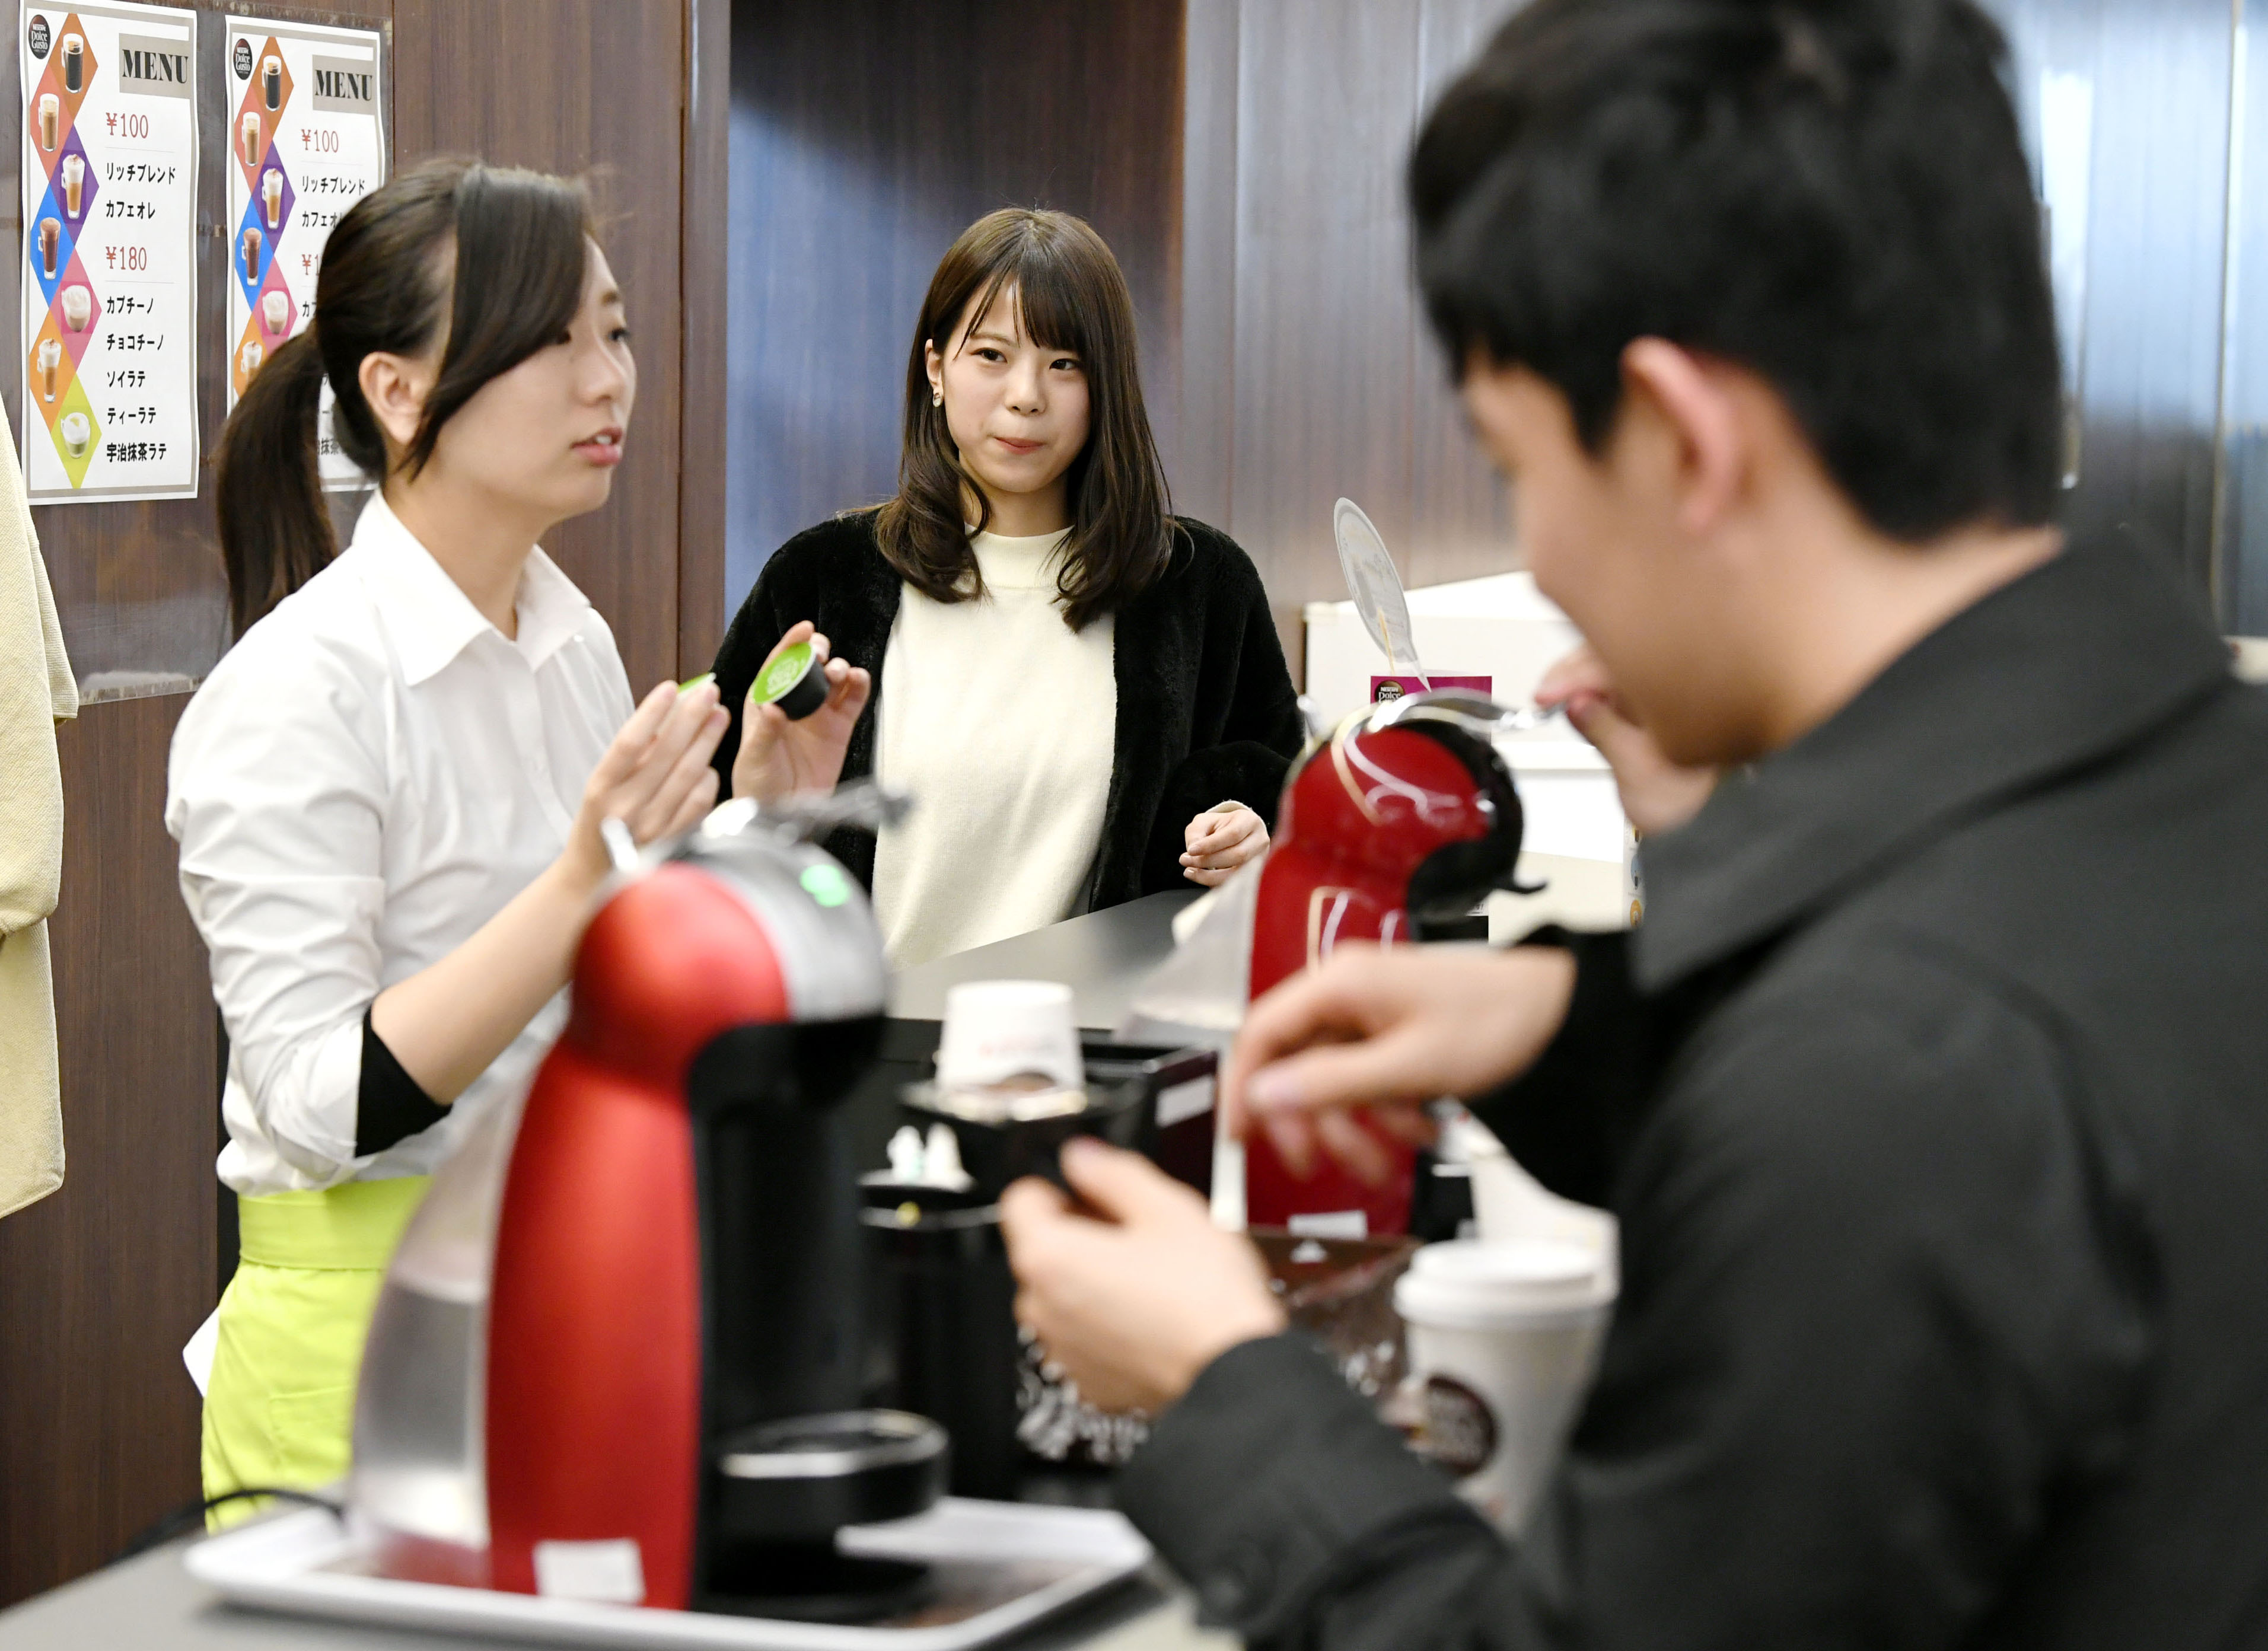 接客をする川島萌(左)と、その様子を見守る西牧友香=2017年12月、東京都世田谷区の産業能率大